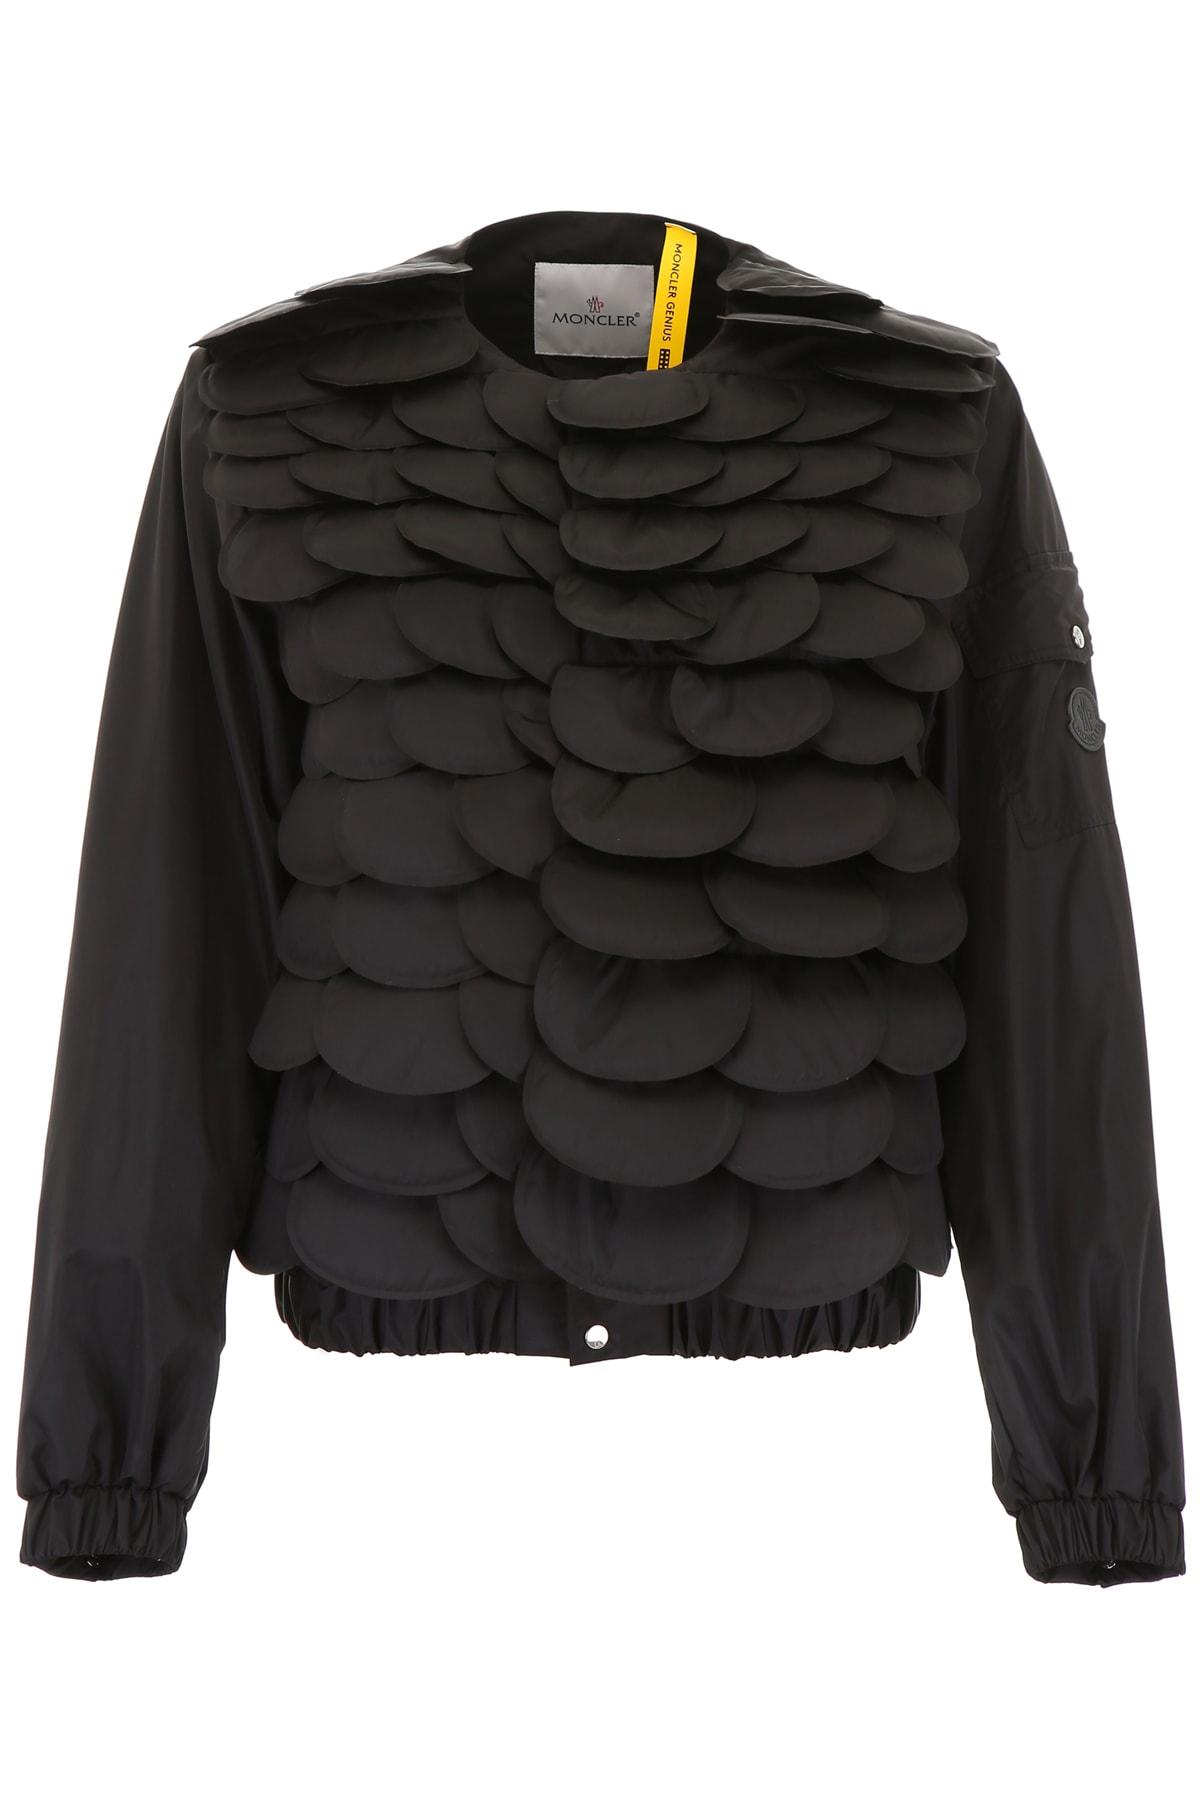 Moncler Moncler Genius 6 Indio Jacket